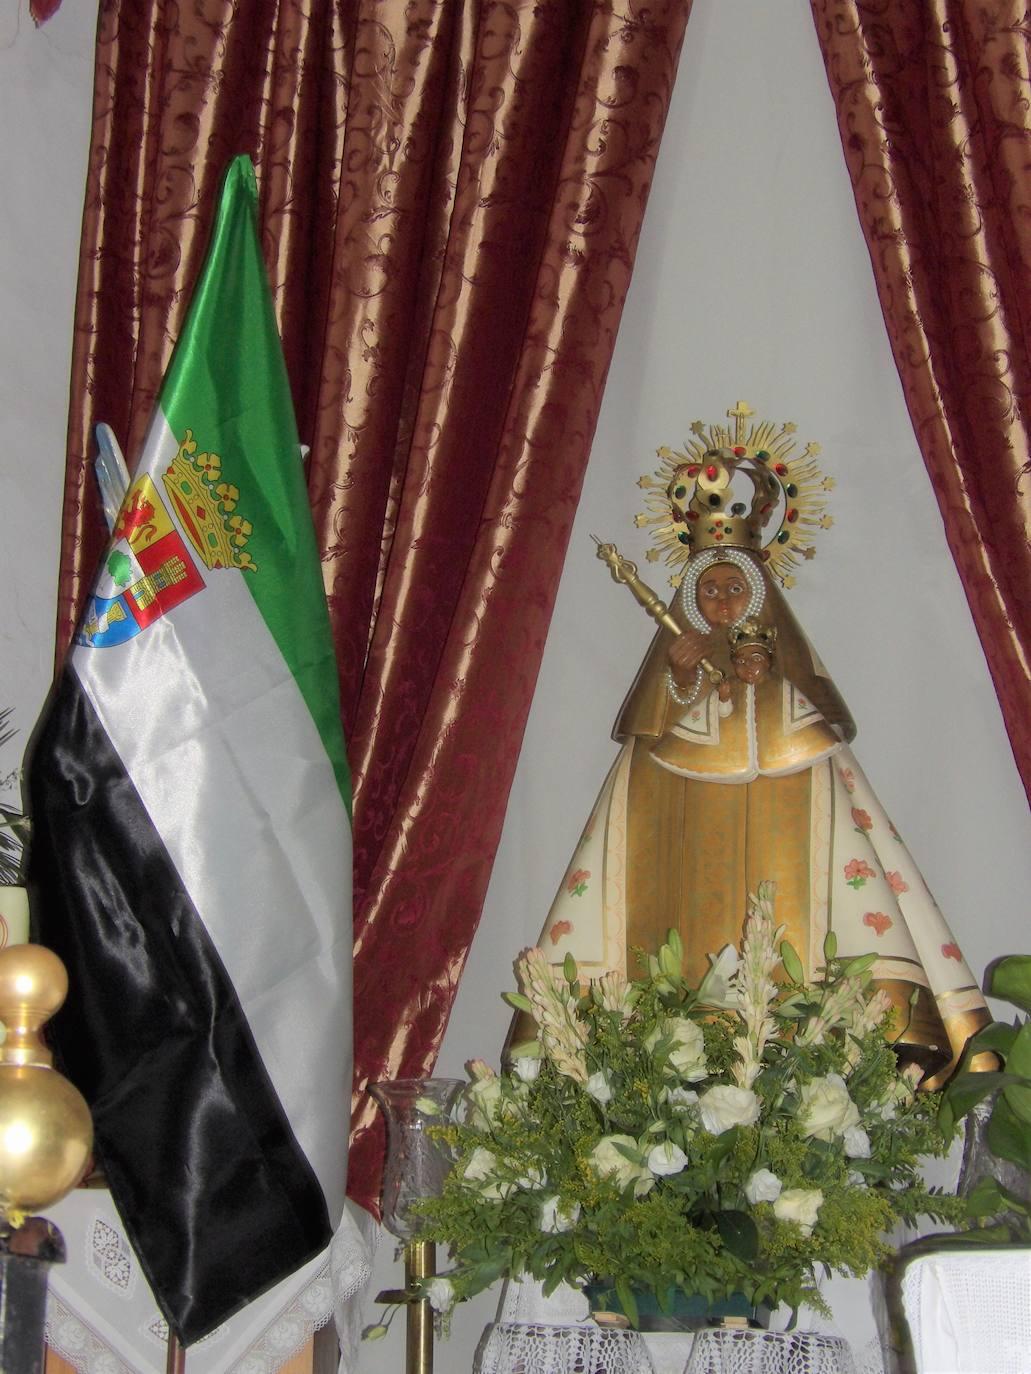 Novena y misa en honor a la Virgen de Guadalupe por el Día de Extremadura